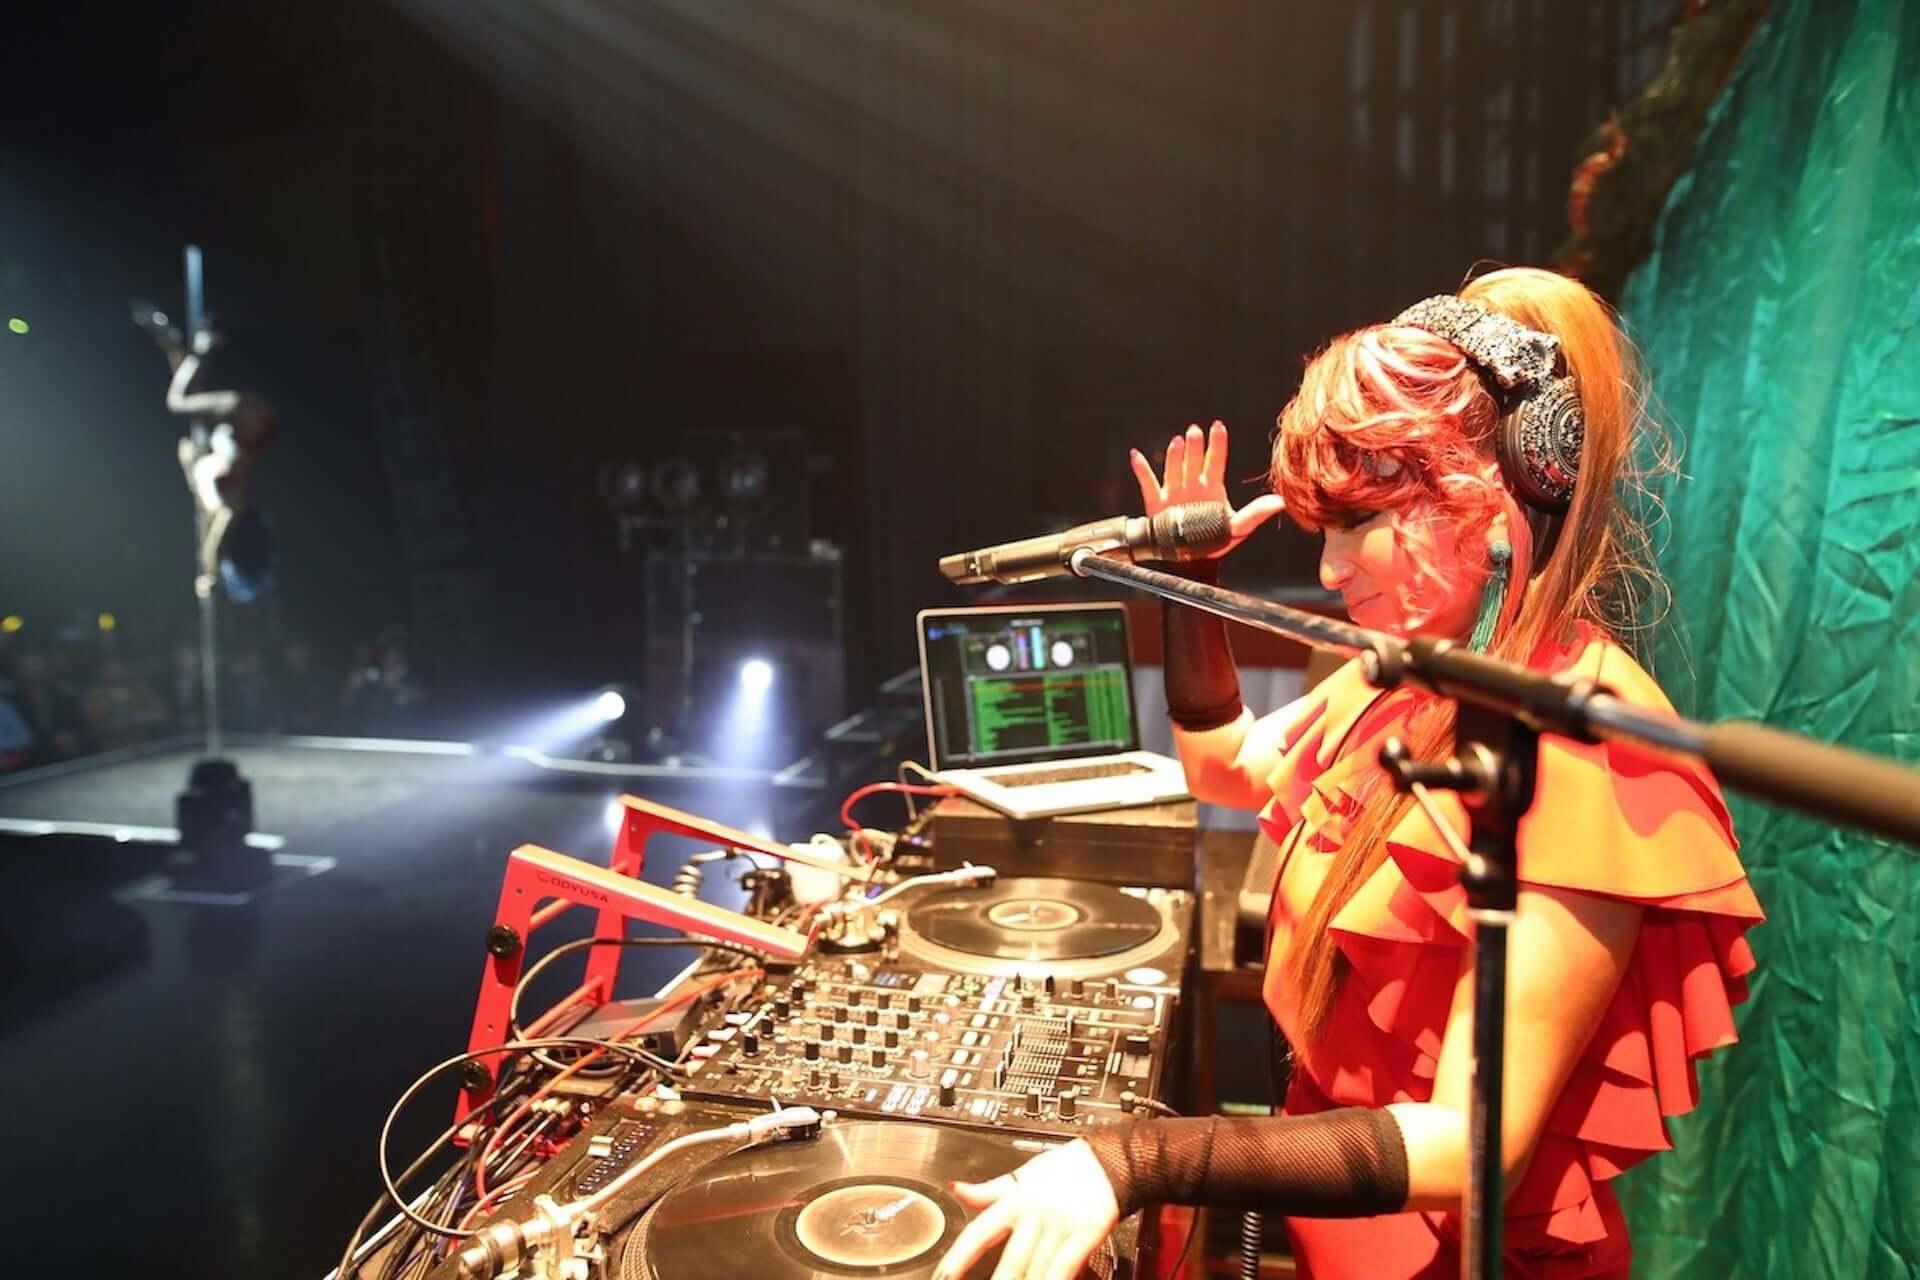 3,000人が出会う一夜!りんごちゃん、t-Ace等々出演のsagami original presents<SABISHINBO NIGHT 2019>25周年目のイベントレポート music191224_sabishinbo2019after_3-1920x1280